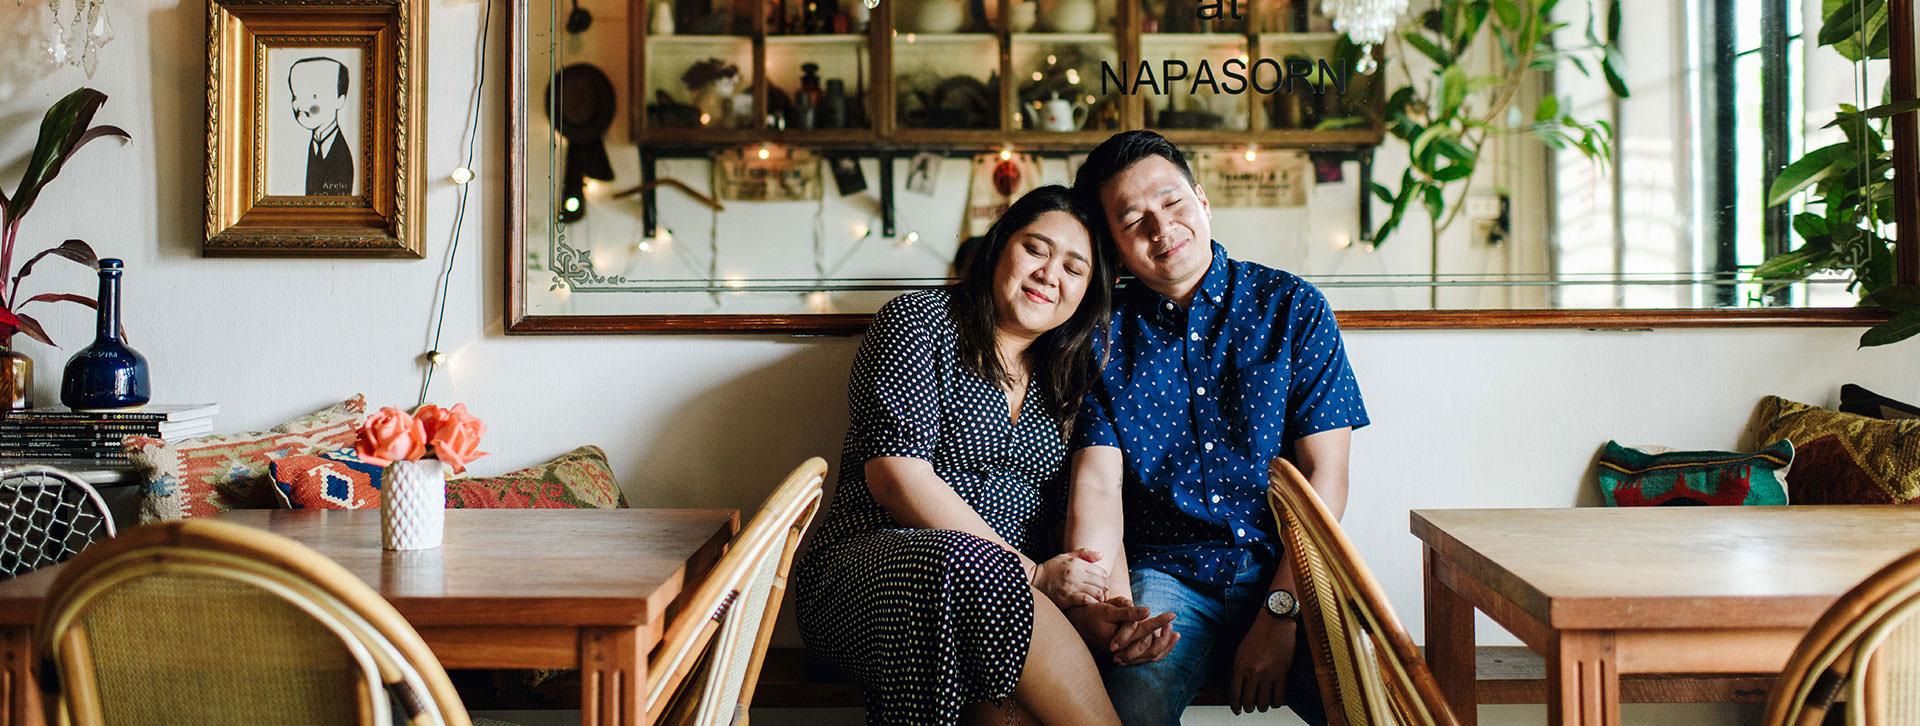 honeymoon in bangkok at wat arun and floral cafe at napasorn cover